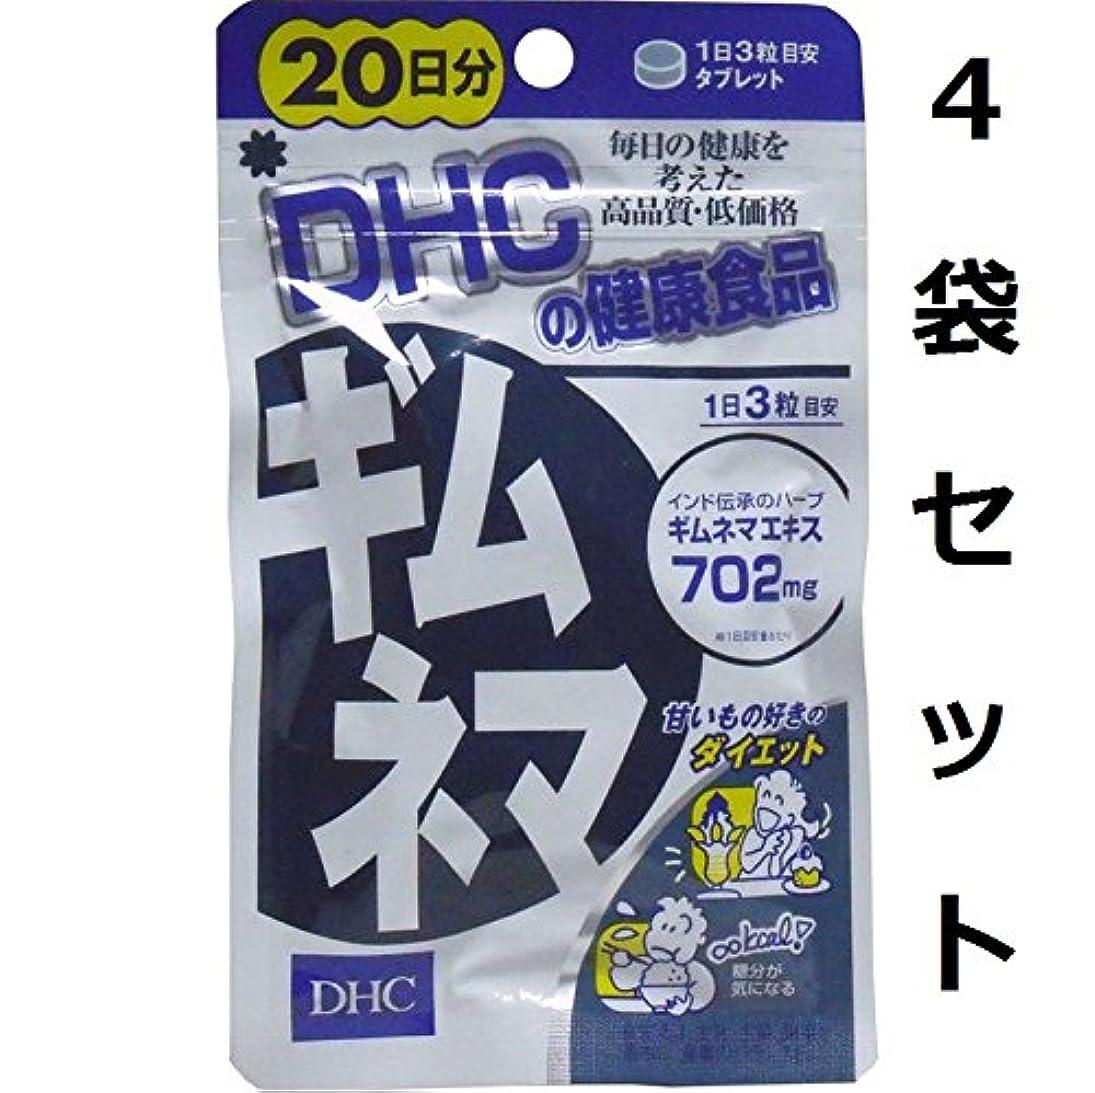 平均爆発選出する我慢せずに余分な糖分をブロック DHC ギムネマ 20日分 60粒 4袋セット